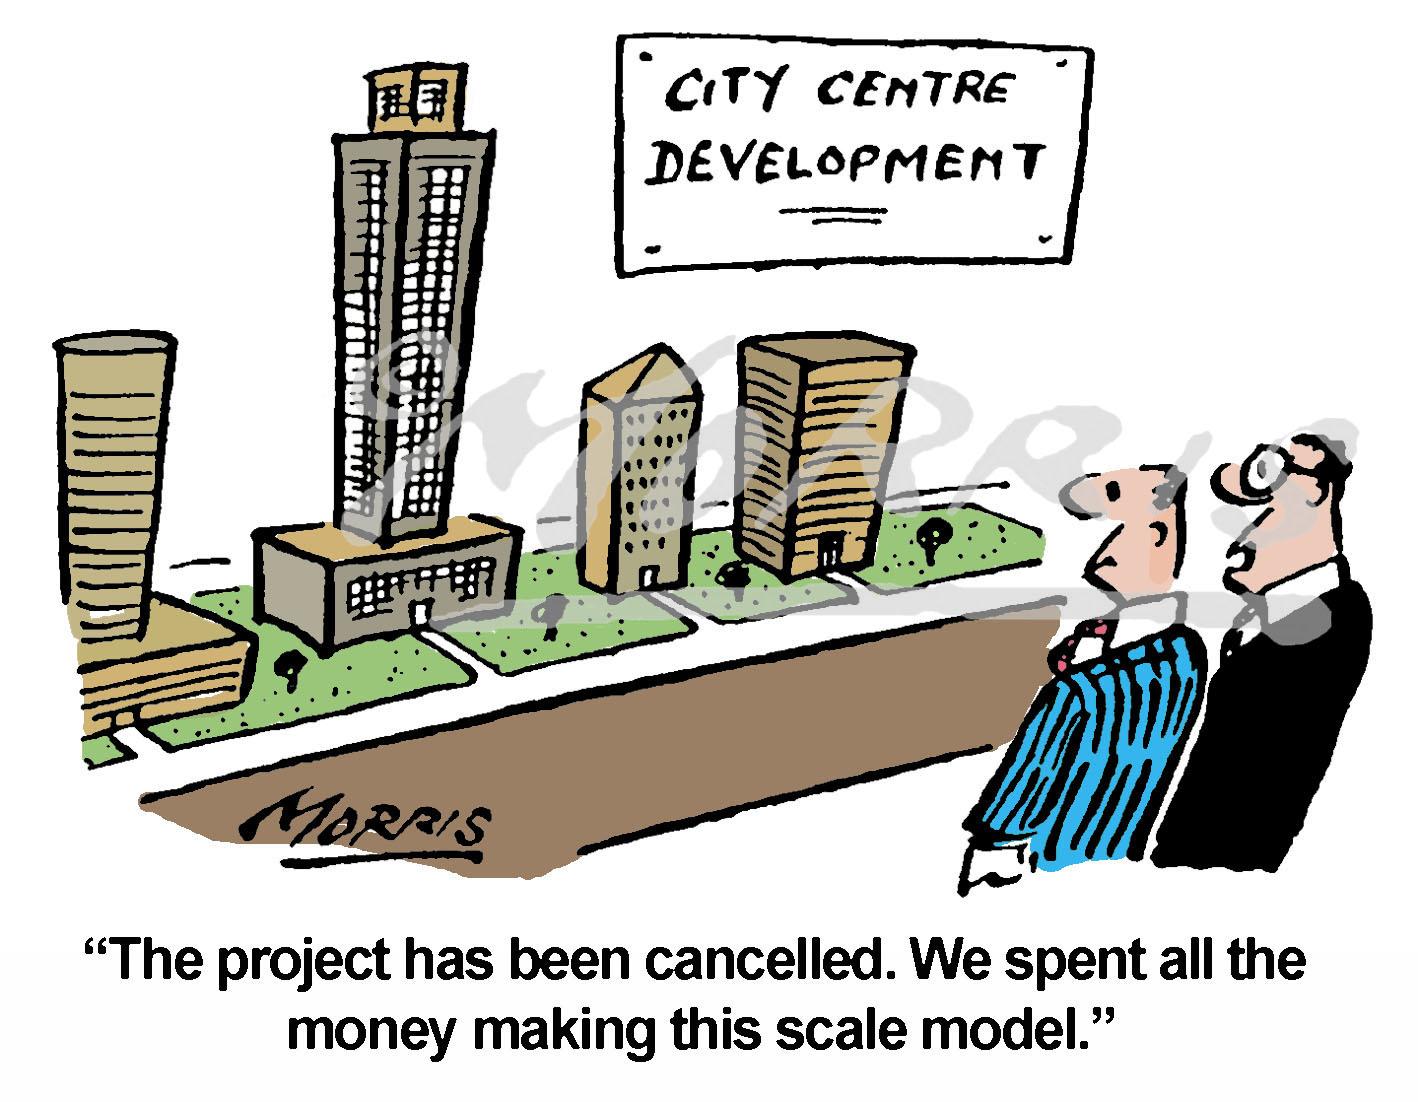 City Centre development cartoon – Ref: 5449col